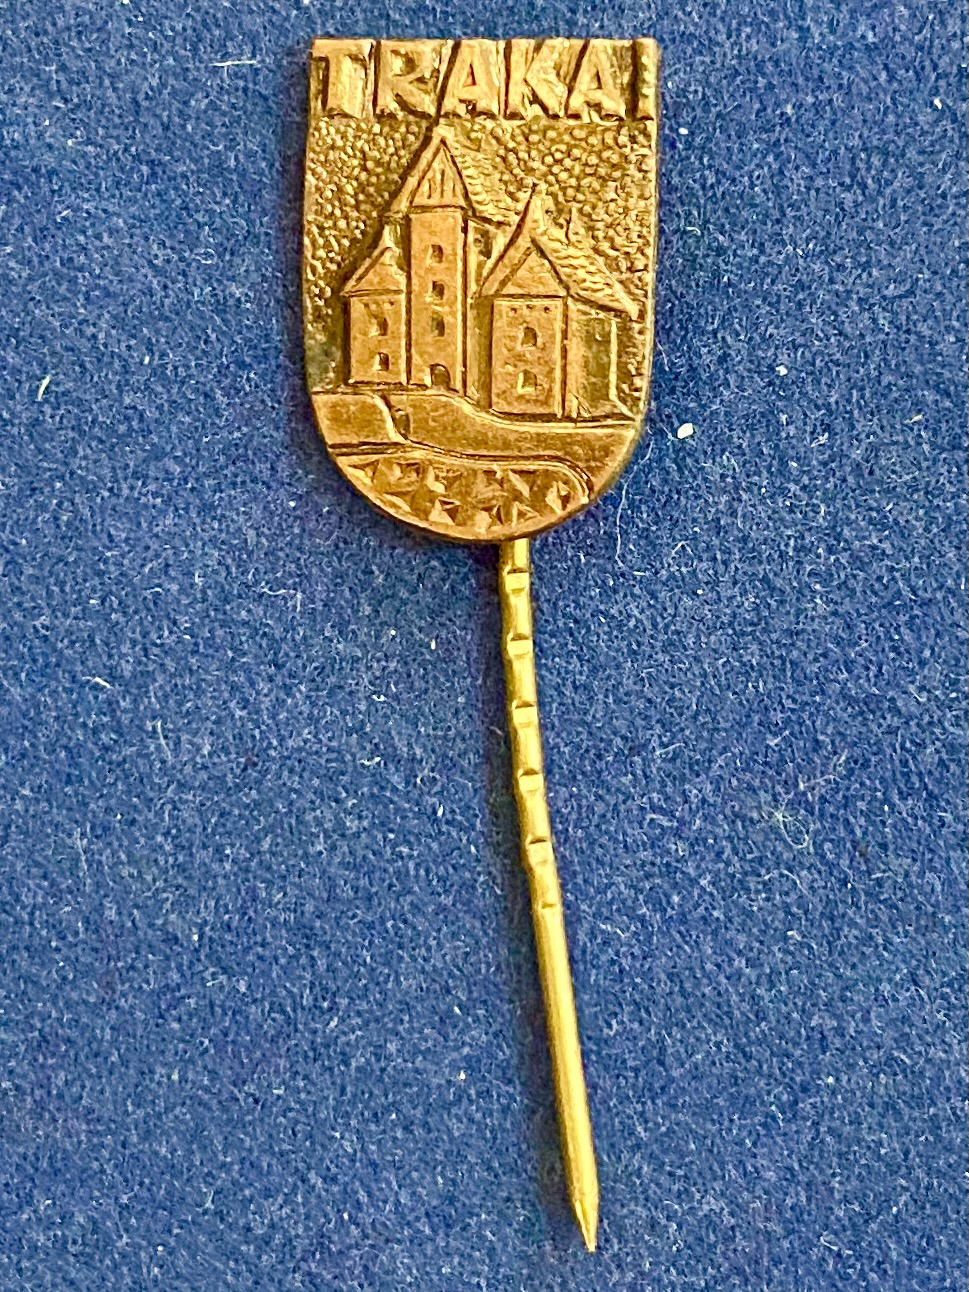 Значок на иголке Тракай Литва